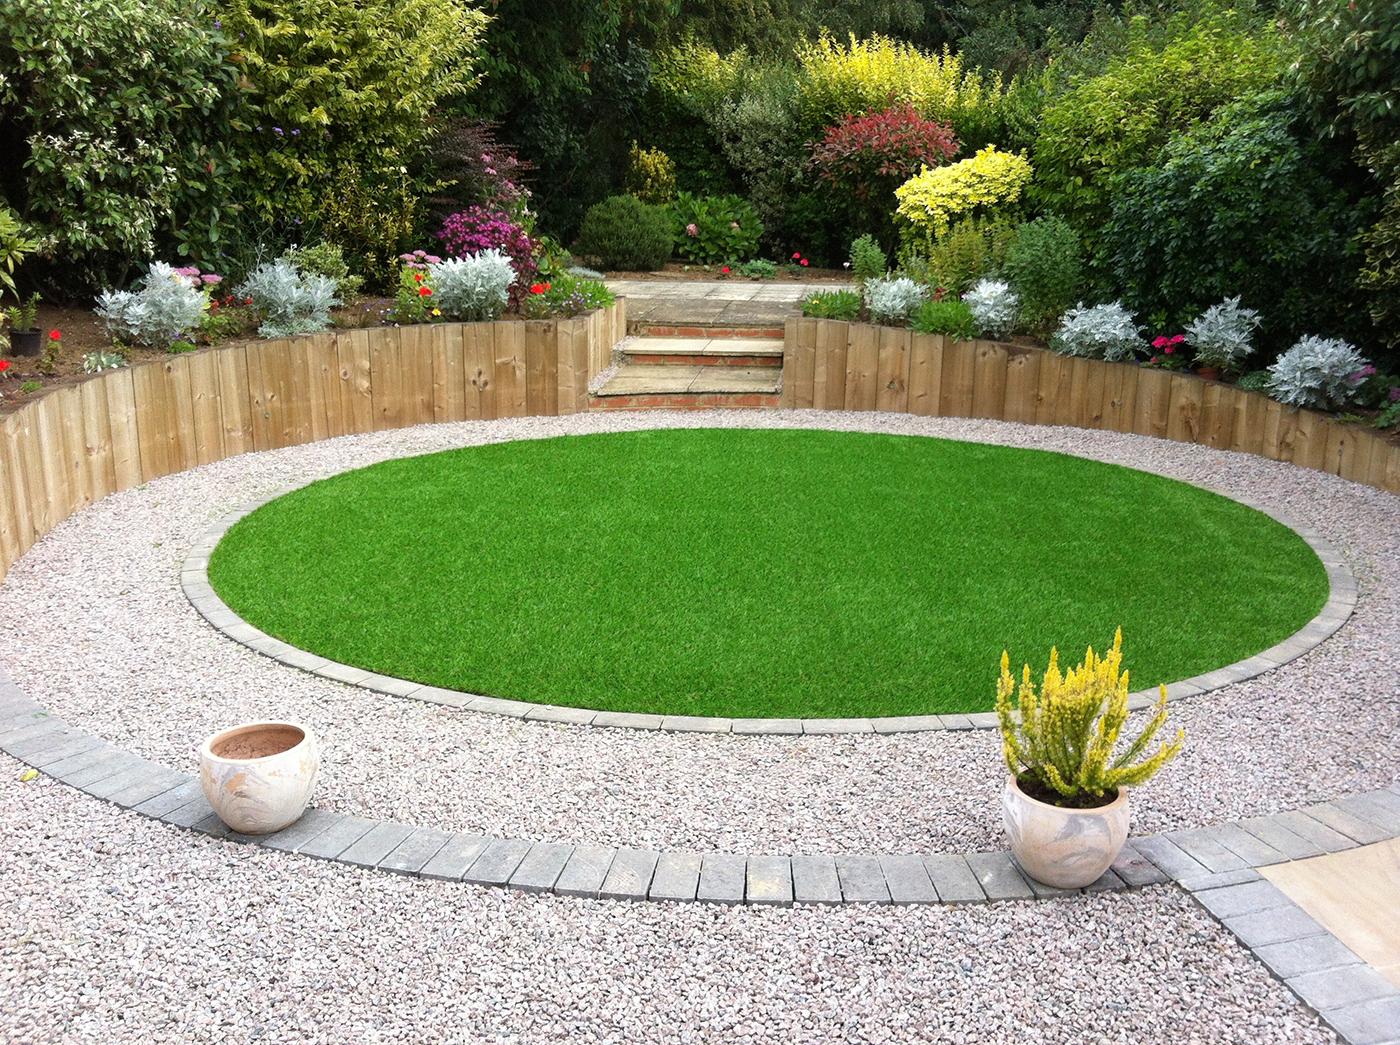 Artificial Grass Projects | Gardens | A Bit of Green